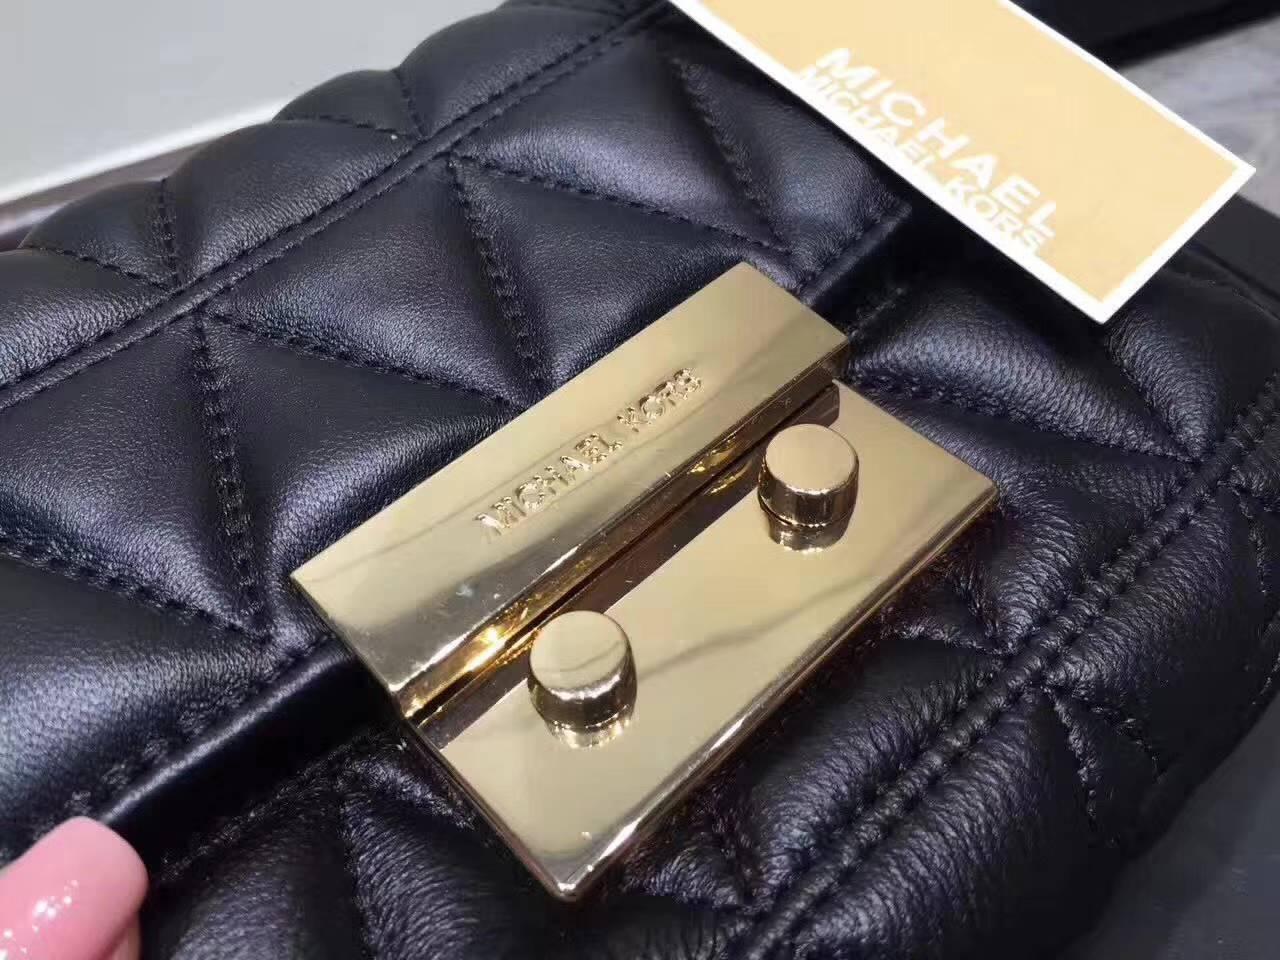 MK包包价格 迈克科尔斯秋冬新款进口羊皮三角纹单肩女包 黑色小号21CM